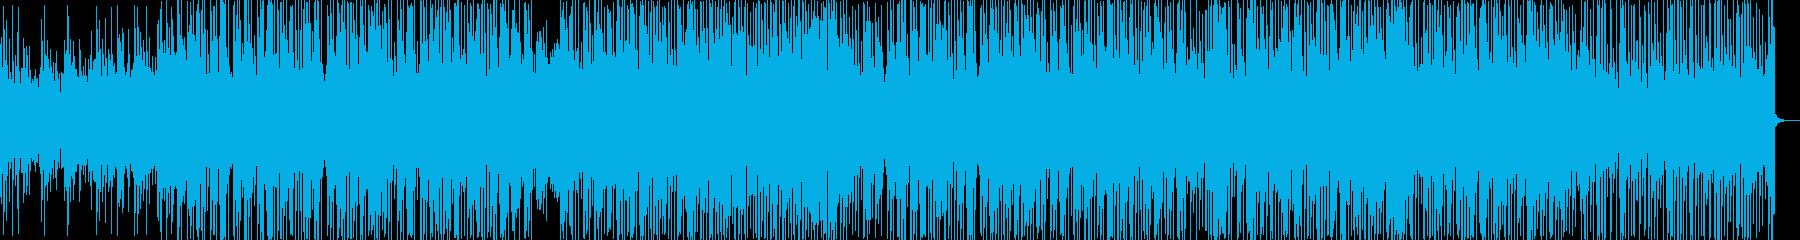 優しいゆったりとしたHiphopBeatの再生済みの波形